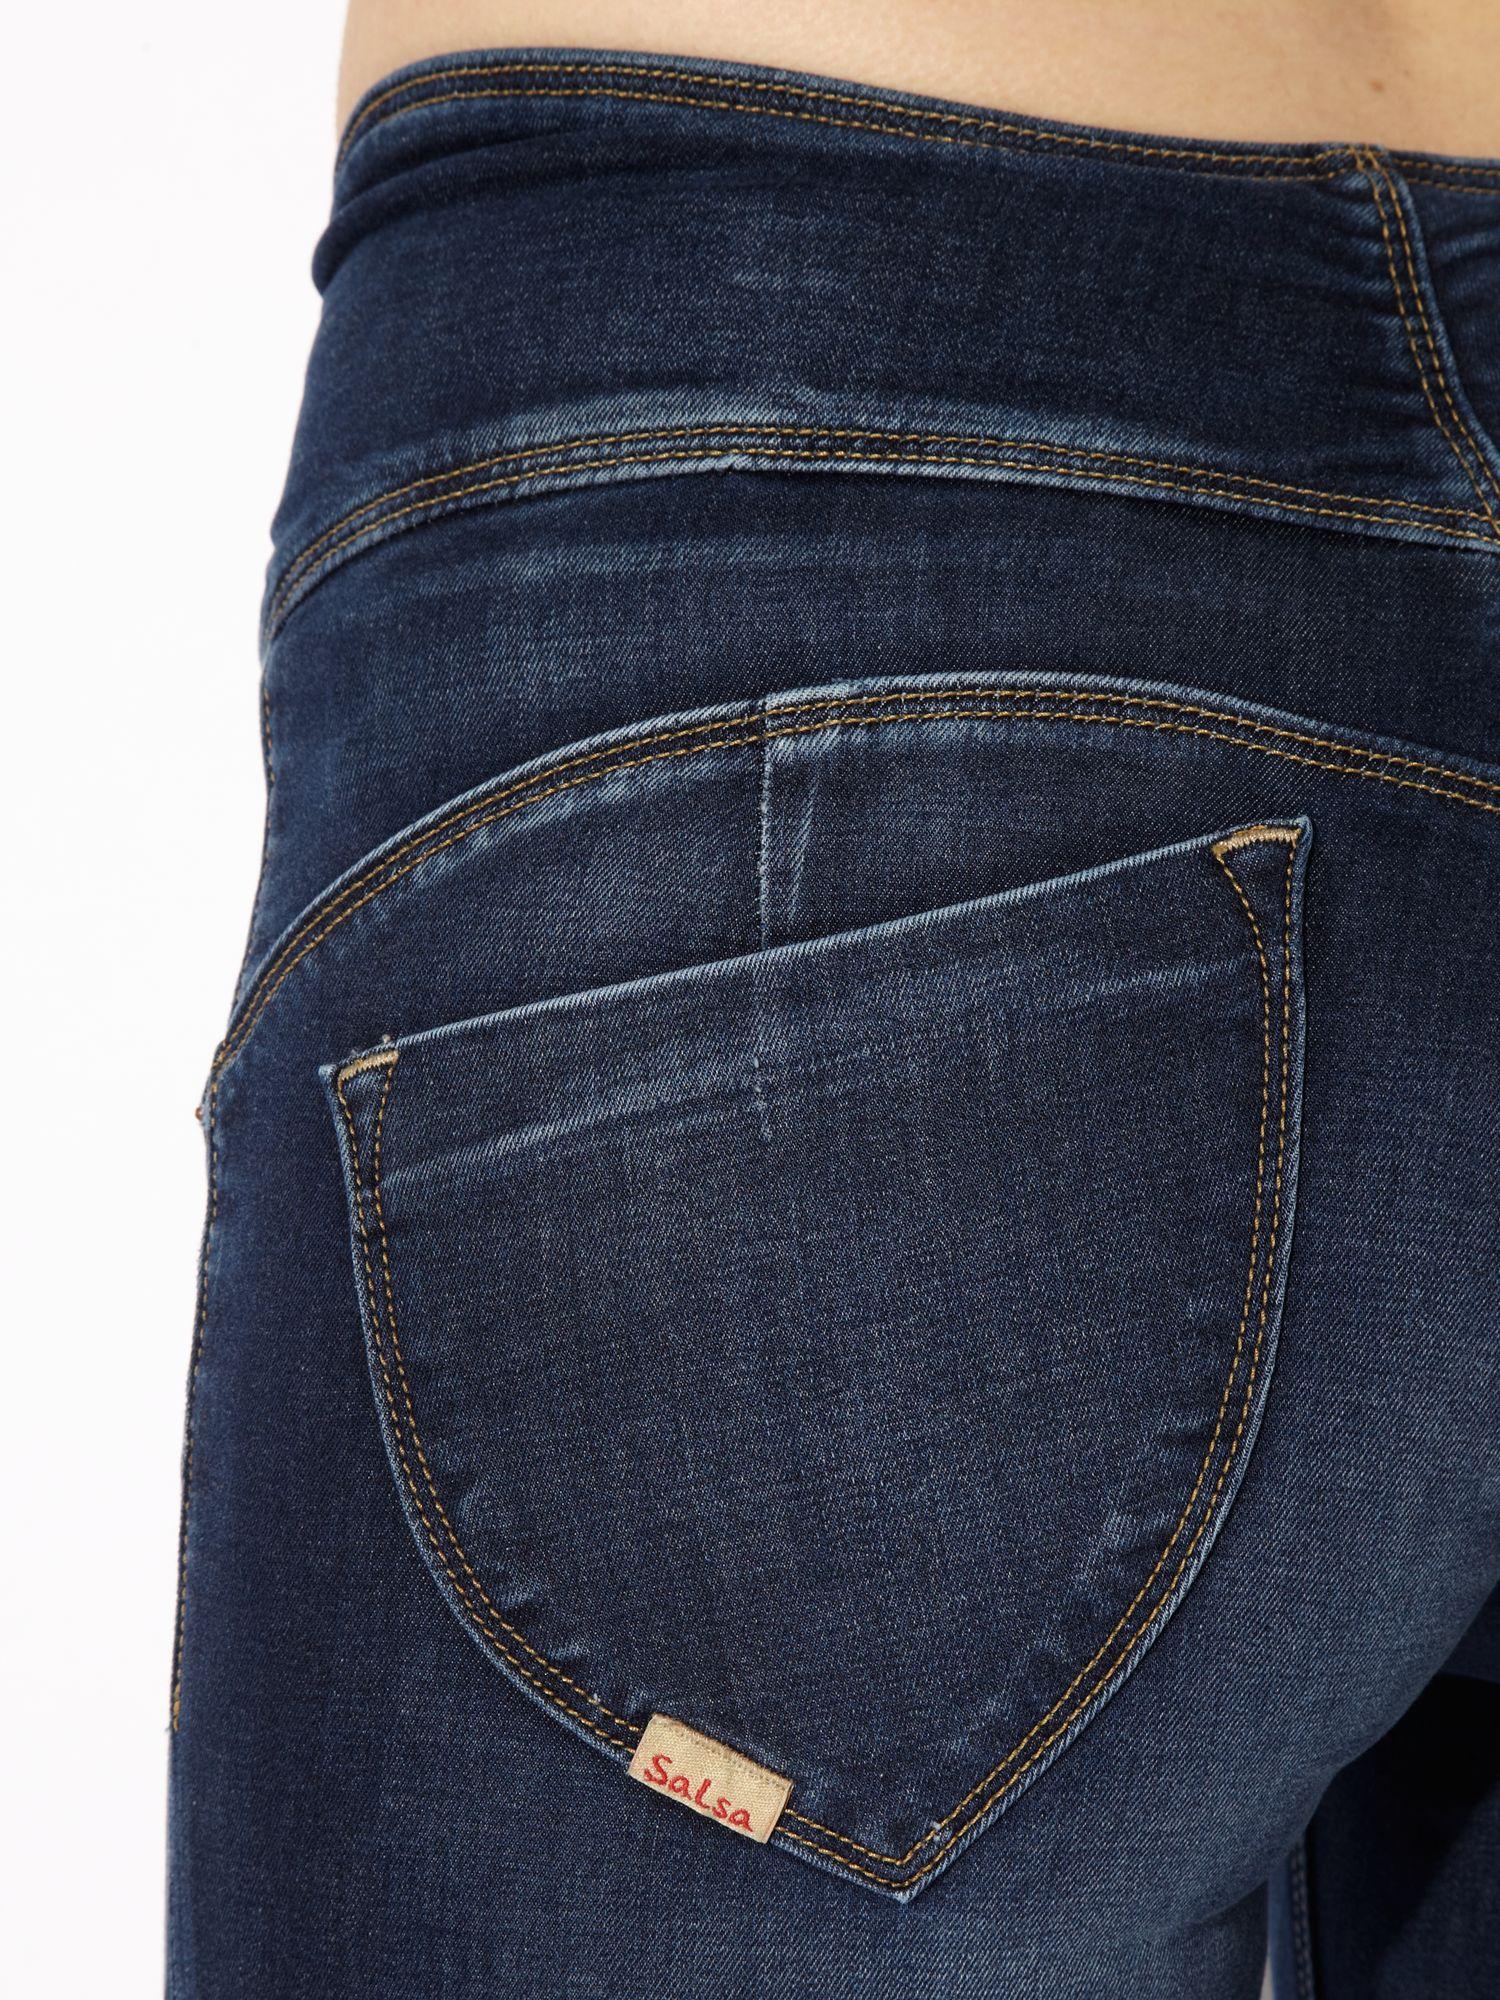 lyst salsa sculpture slim leg jeans in blue. Black Bedroom Furniture Sets. Home Design Ideas